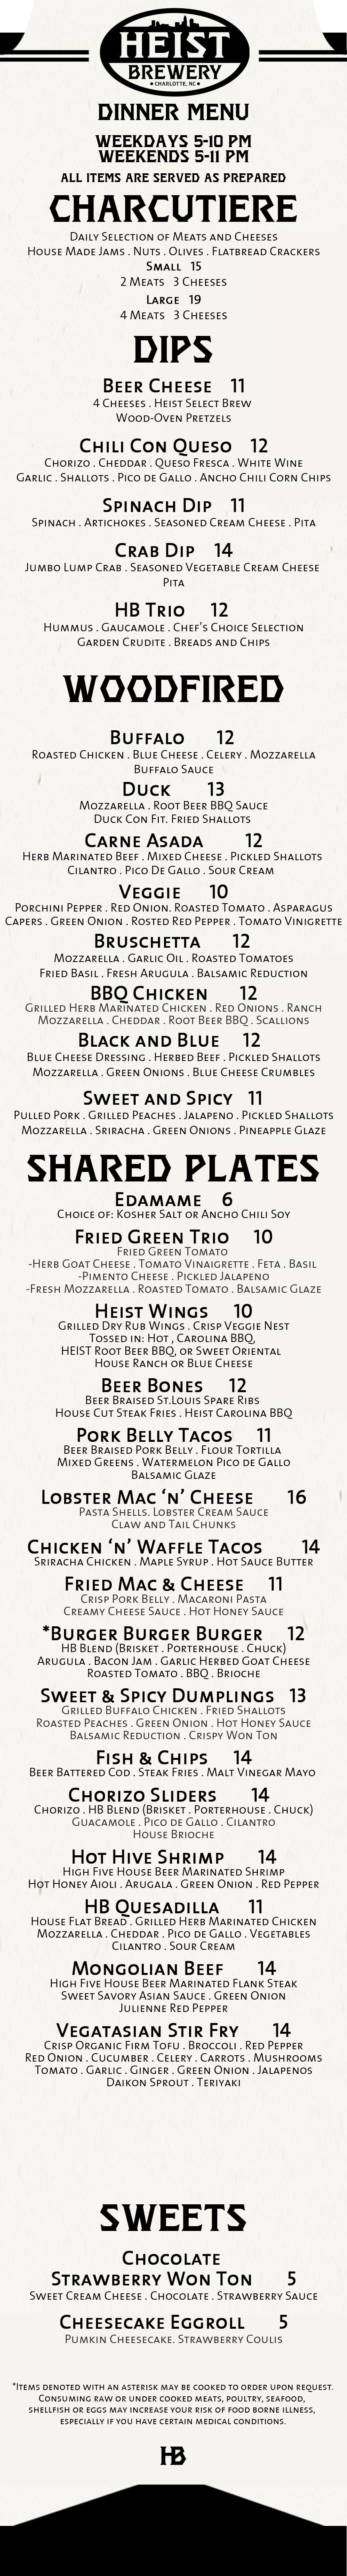 wed-dinner-menu-1-17-17